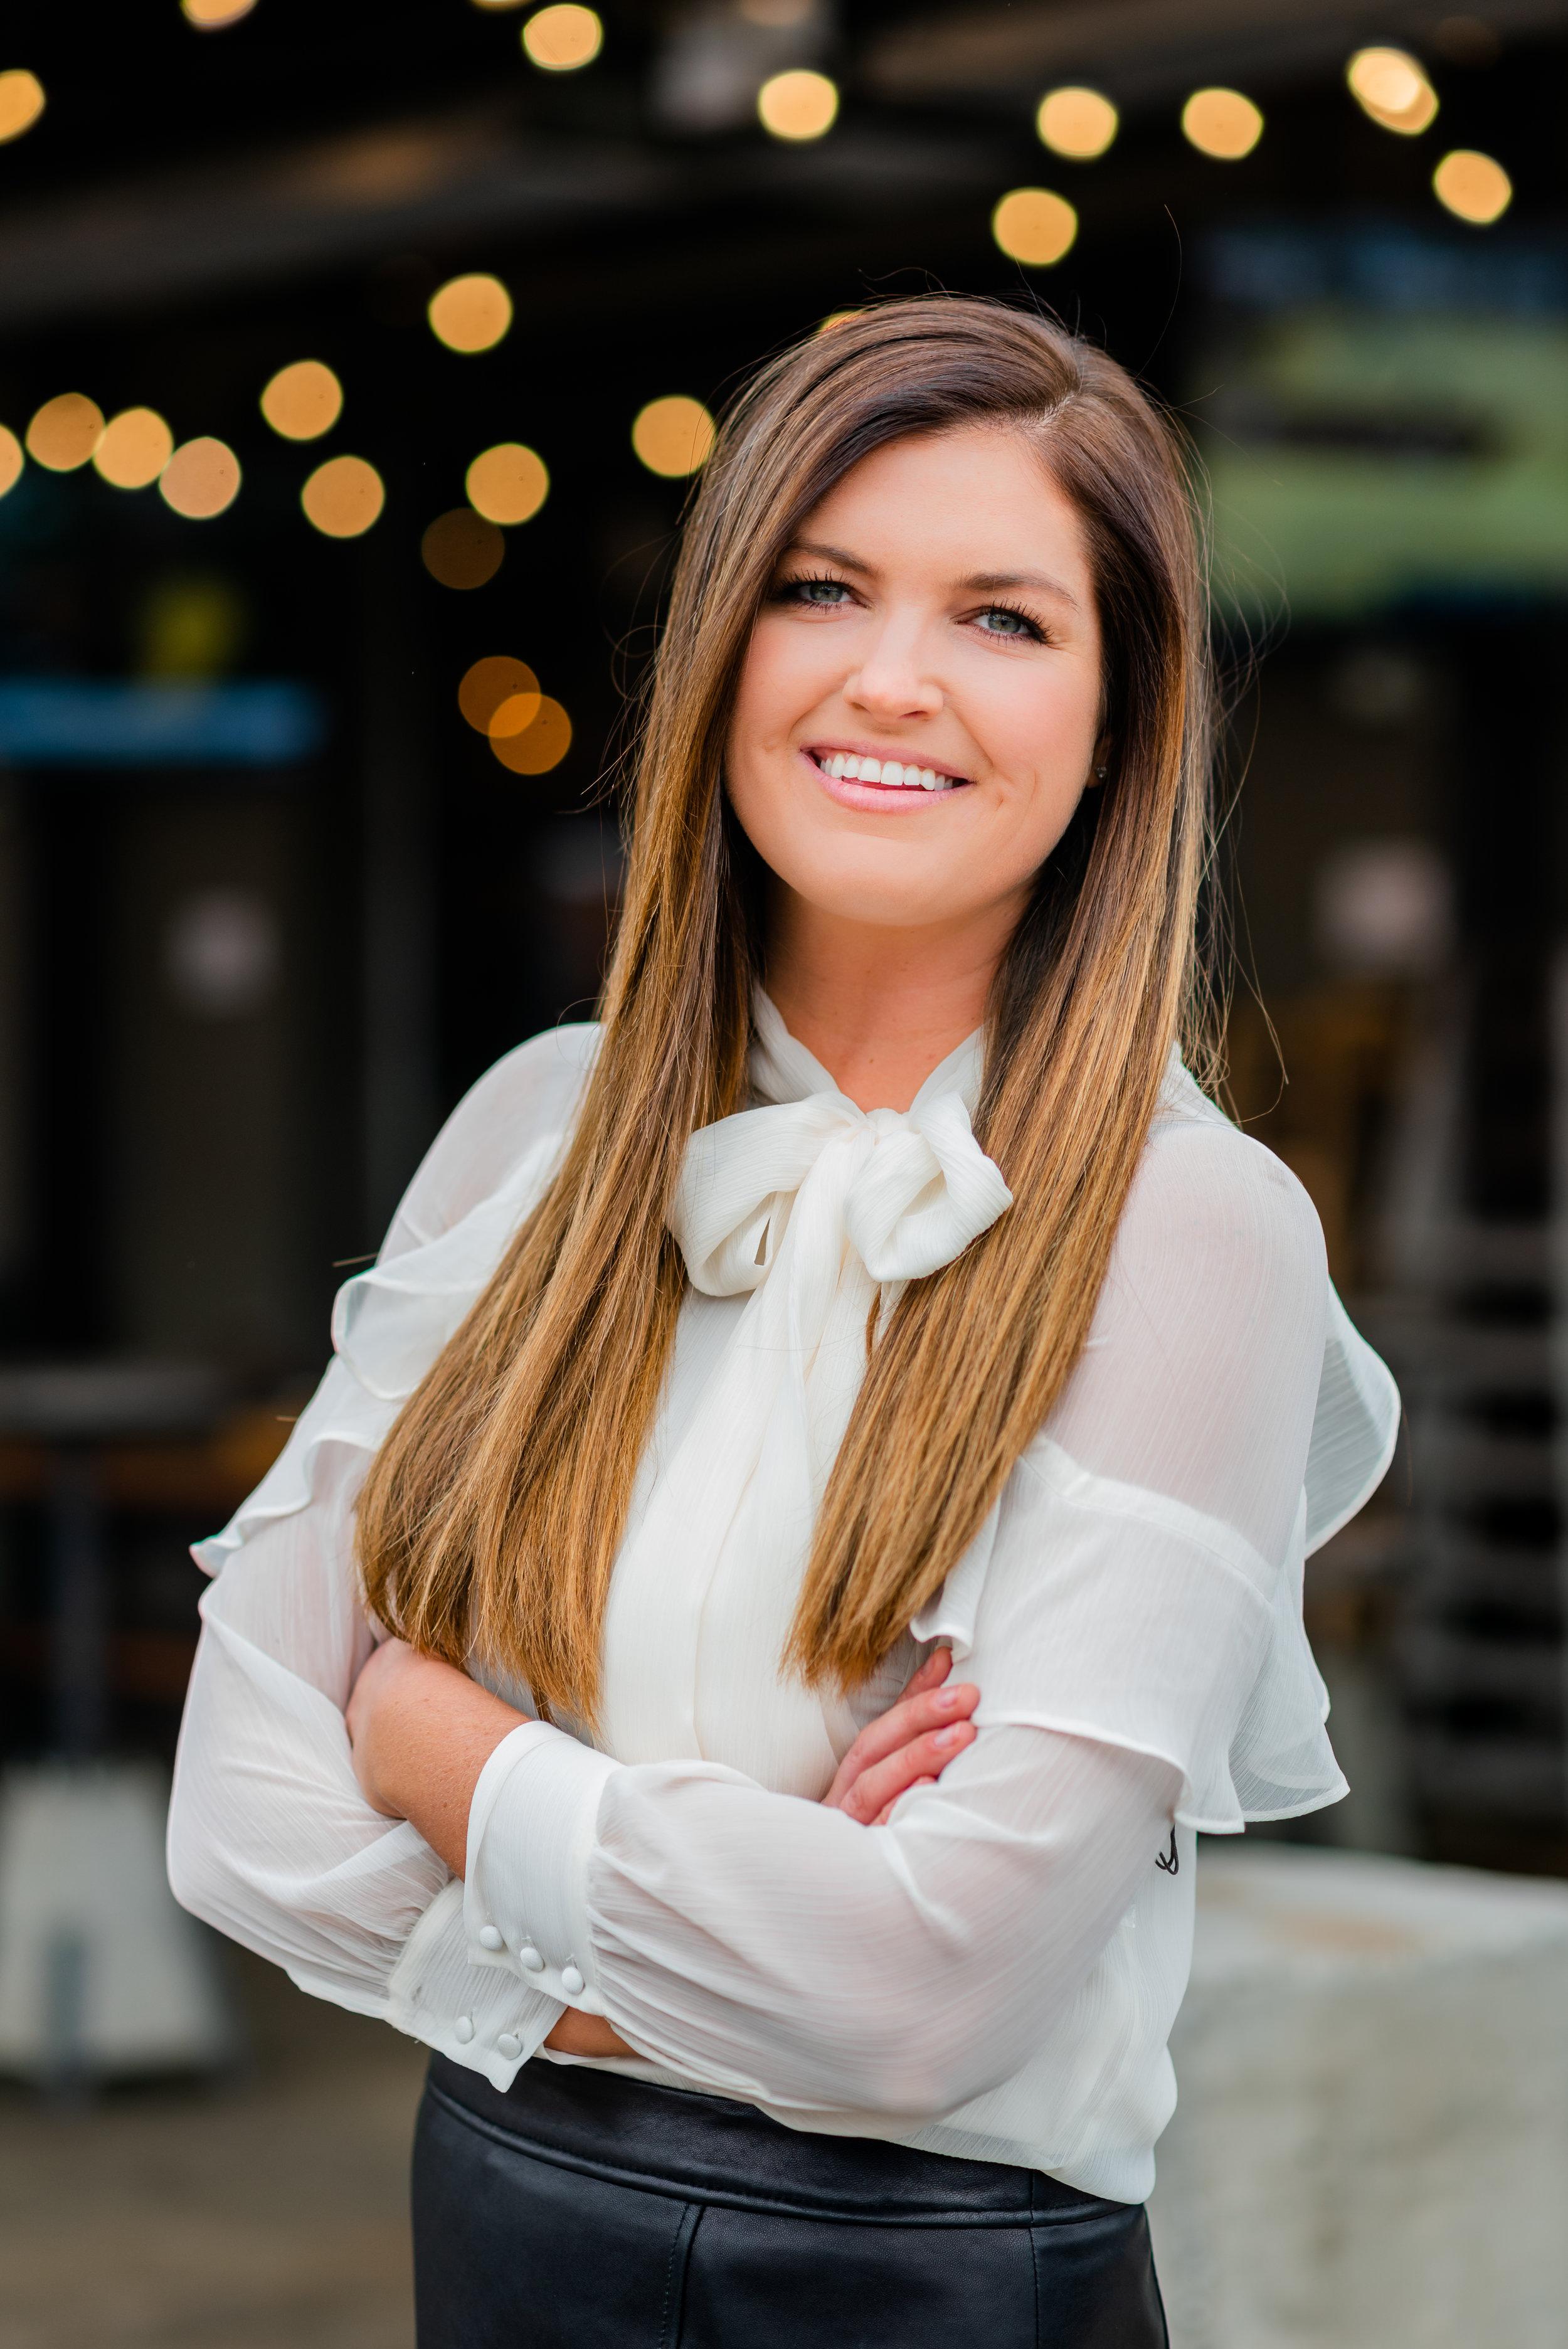 LaurenMiller8-29.jpg